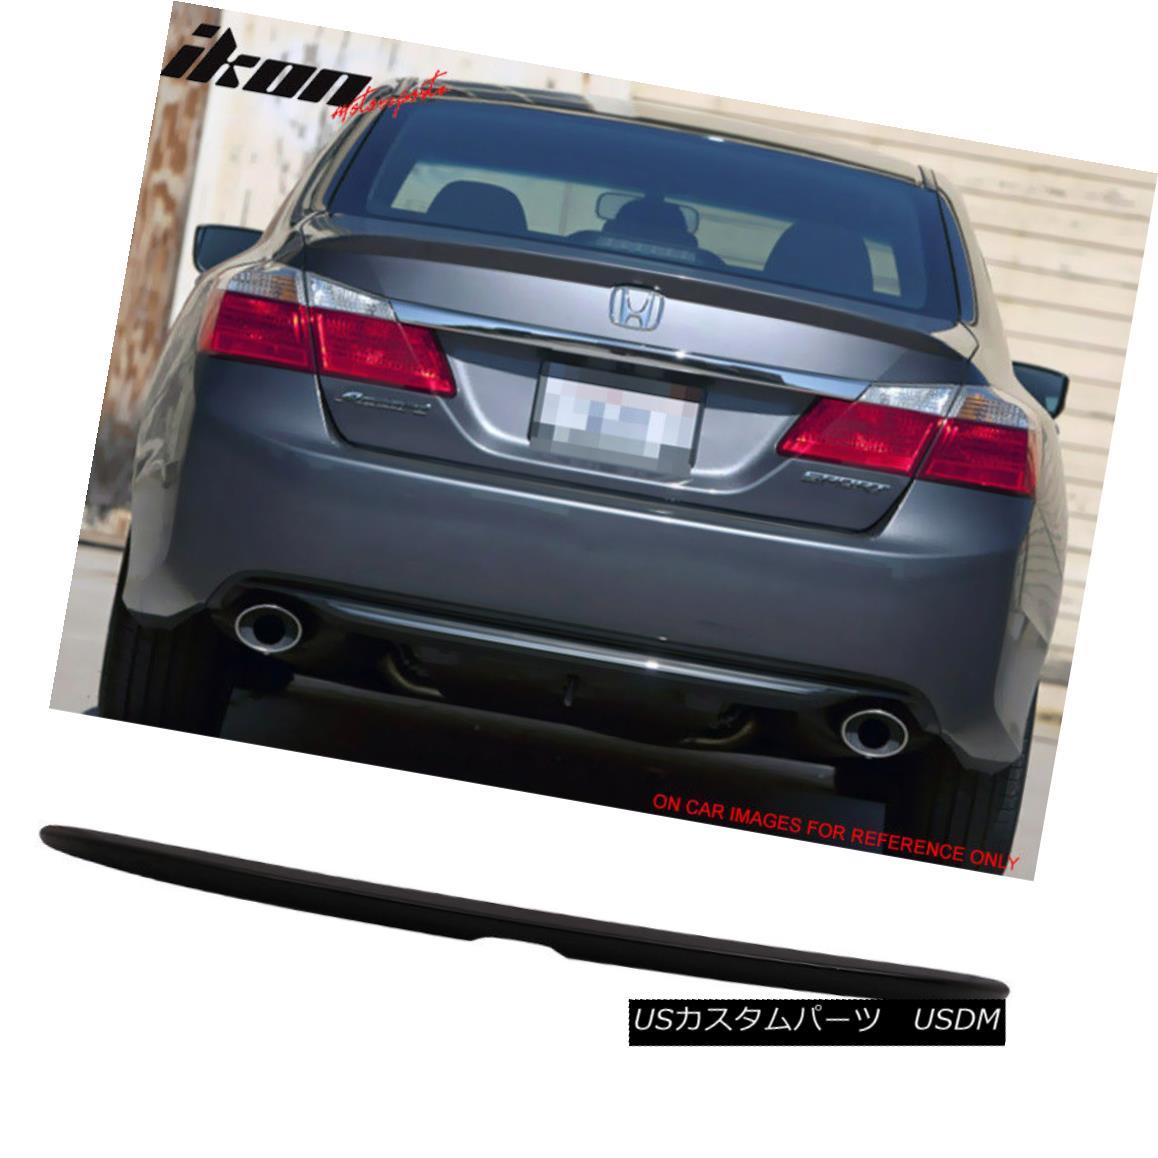 エアロパーツ For 13-16 Honda Accord OE Trunk Spoiler Wing Painted #NH731P Crystal Black Pearl 13-16ホンダアコード用OEトランク・スポイラー・ウィング・ペイント#NH731Pクリスタル・ブラック・パール